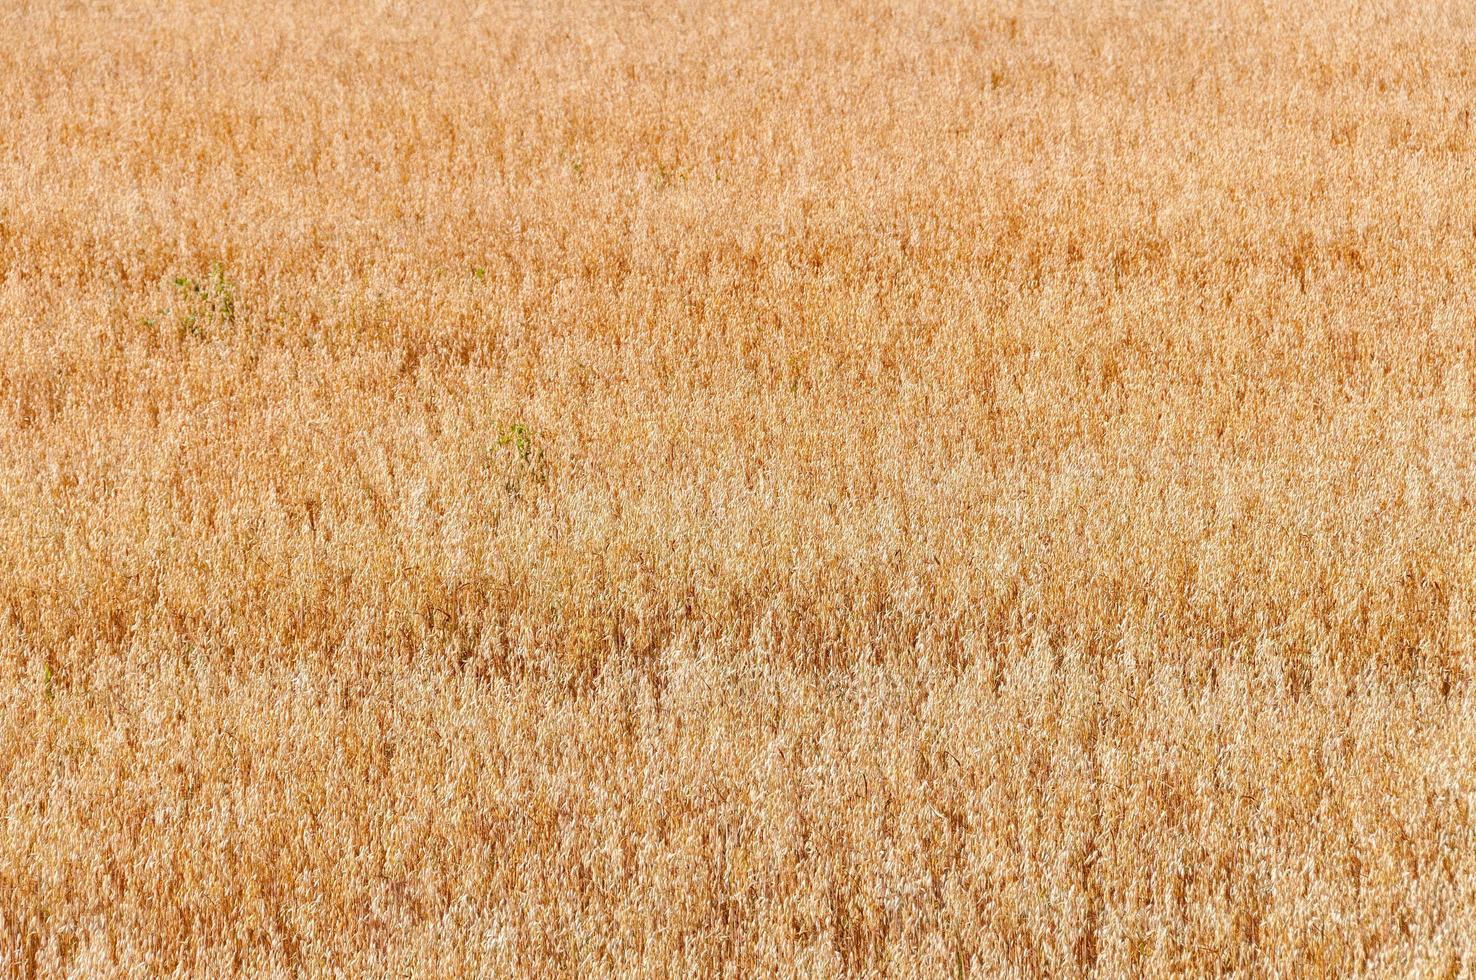 gyllene mogna havreöron på gårdsfältet redo för skörd foto